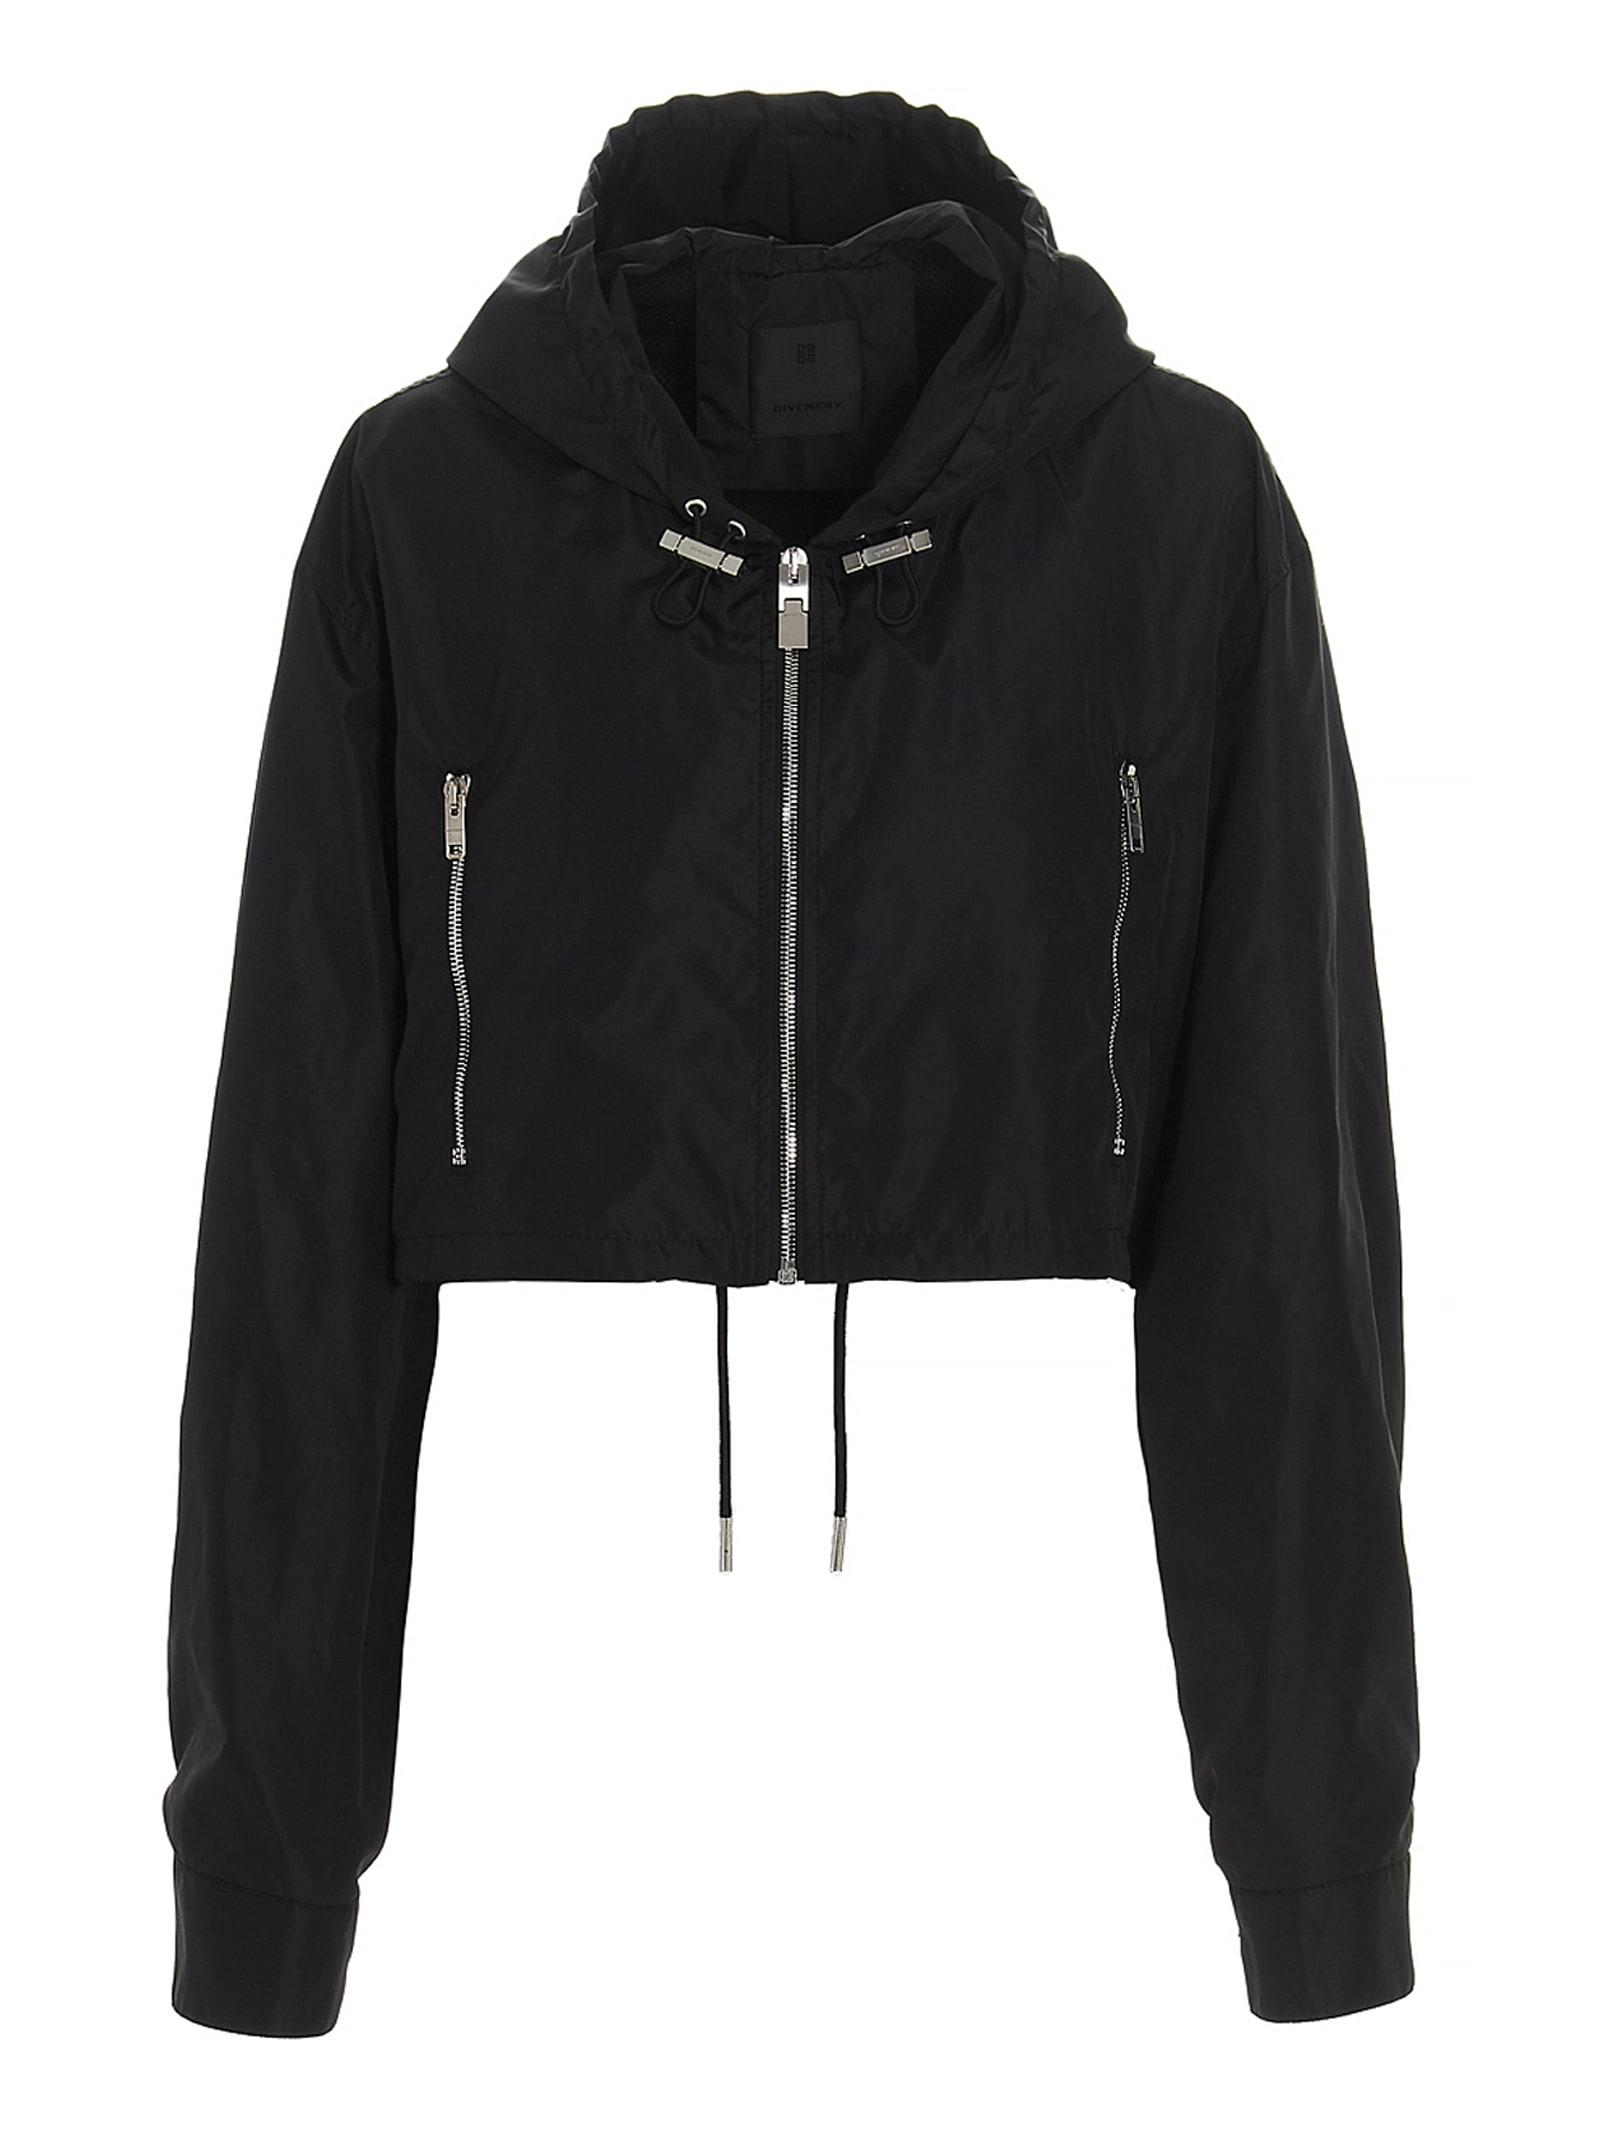 Givenchy Jackets WINDBREAKER JACKET